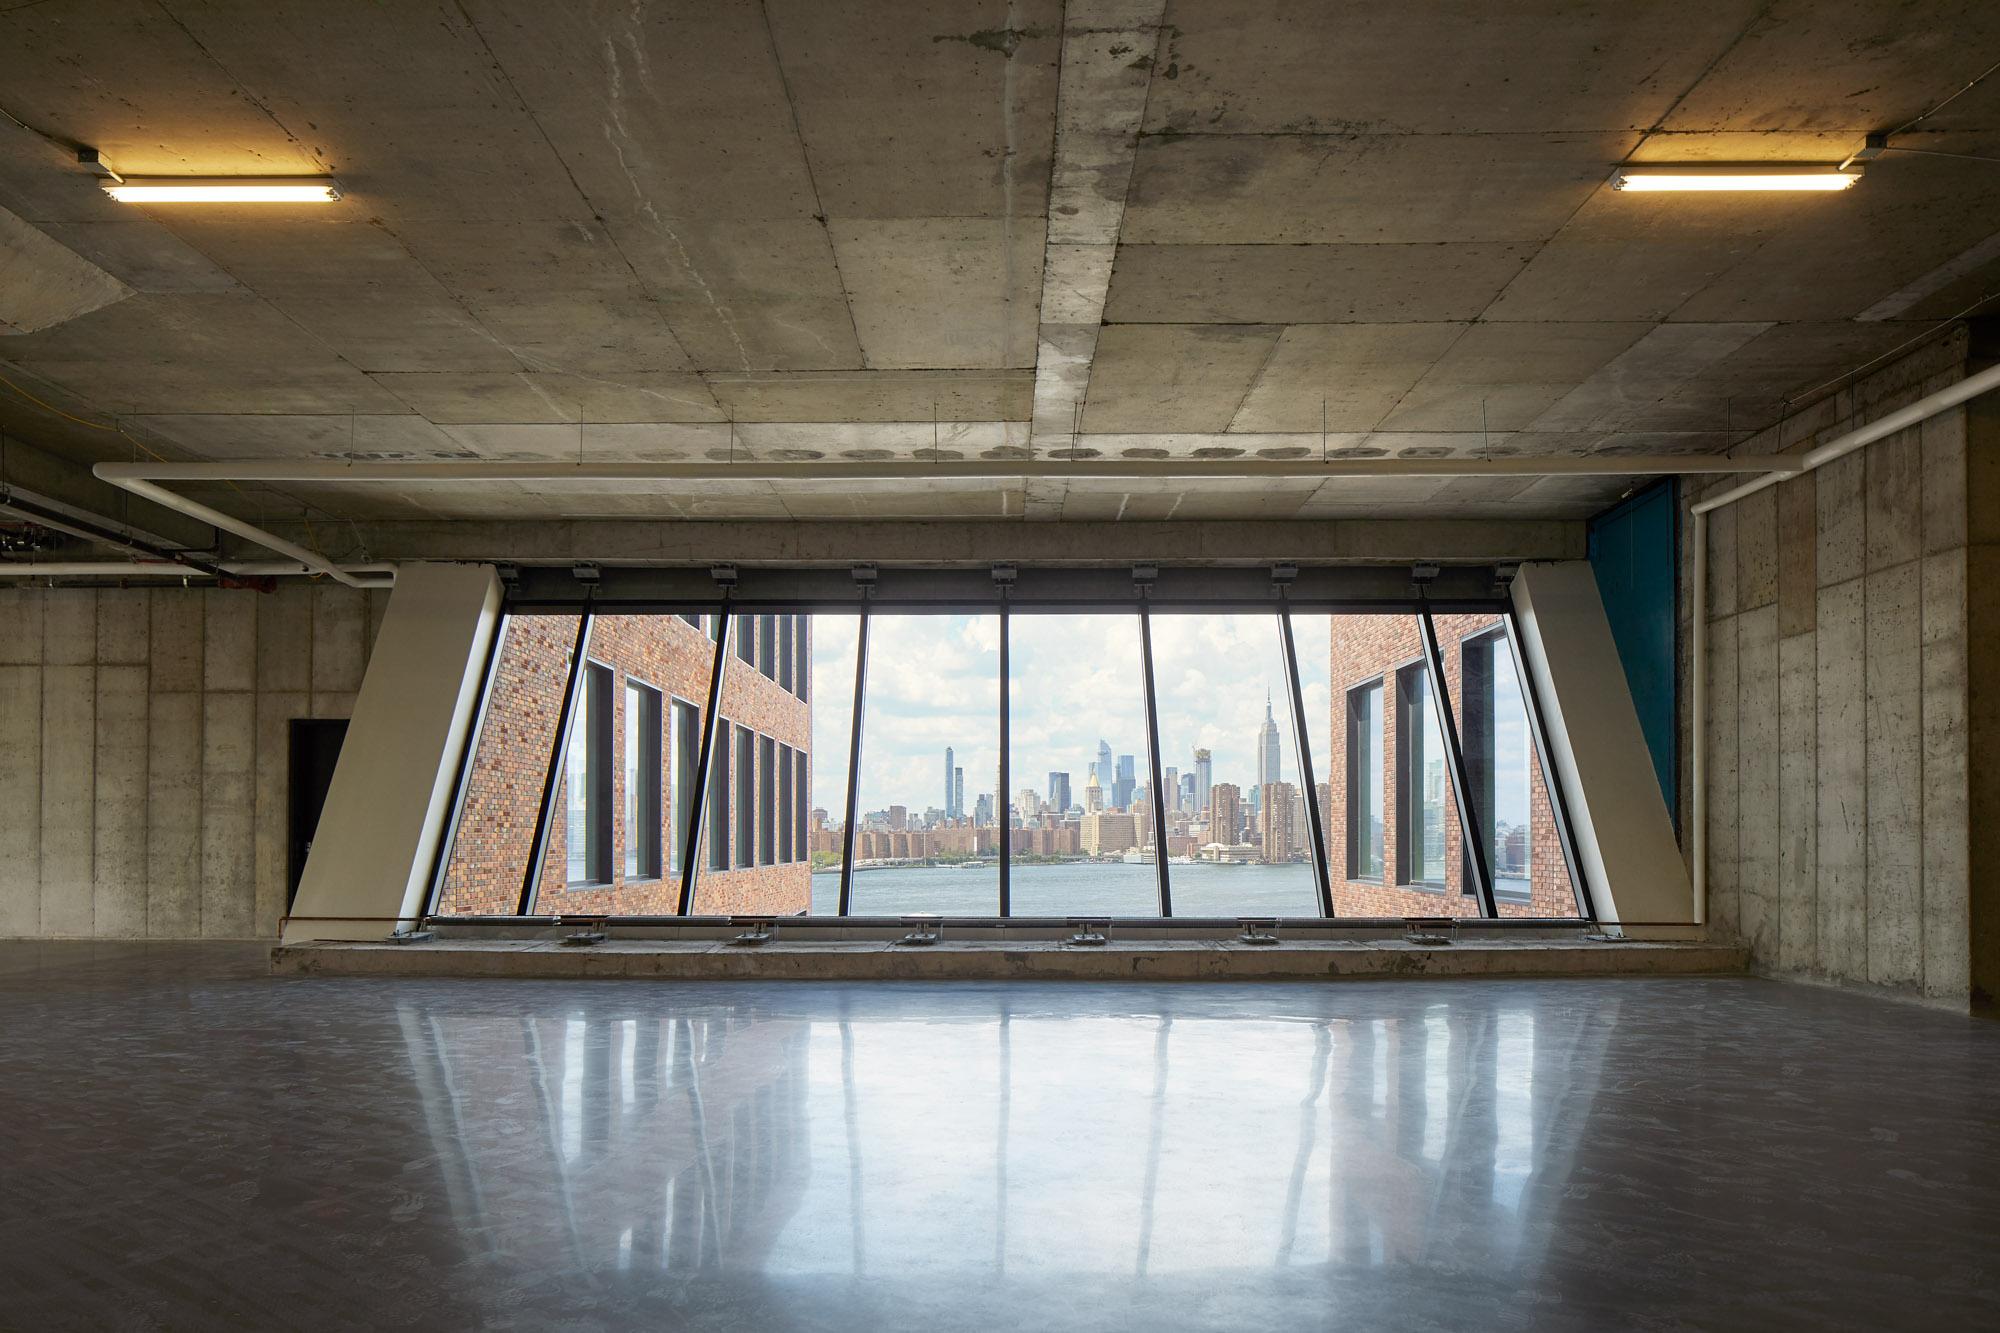 25 Kent, williamsburg, office, commercial, new developments, Hollwich Kushner (HWKN), Gensler